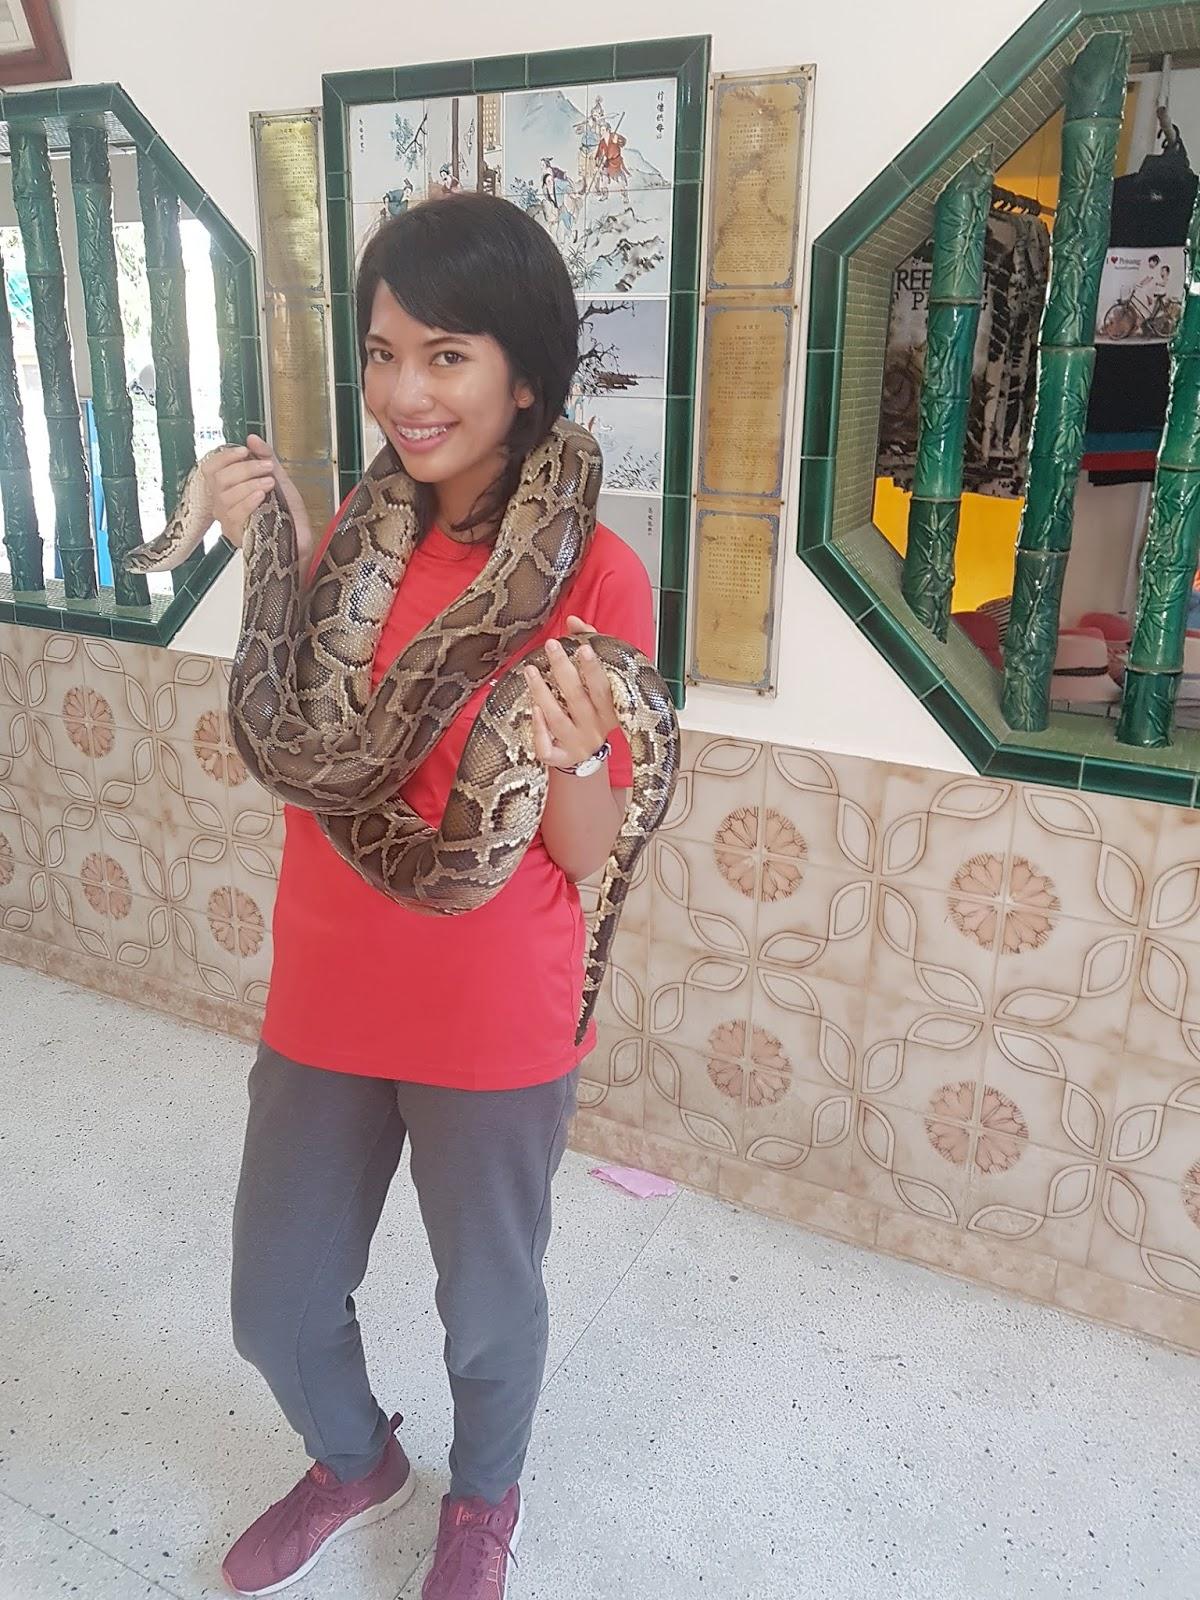 Hug a python a Penang Snake Temple